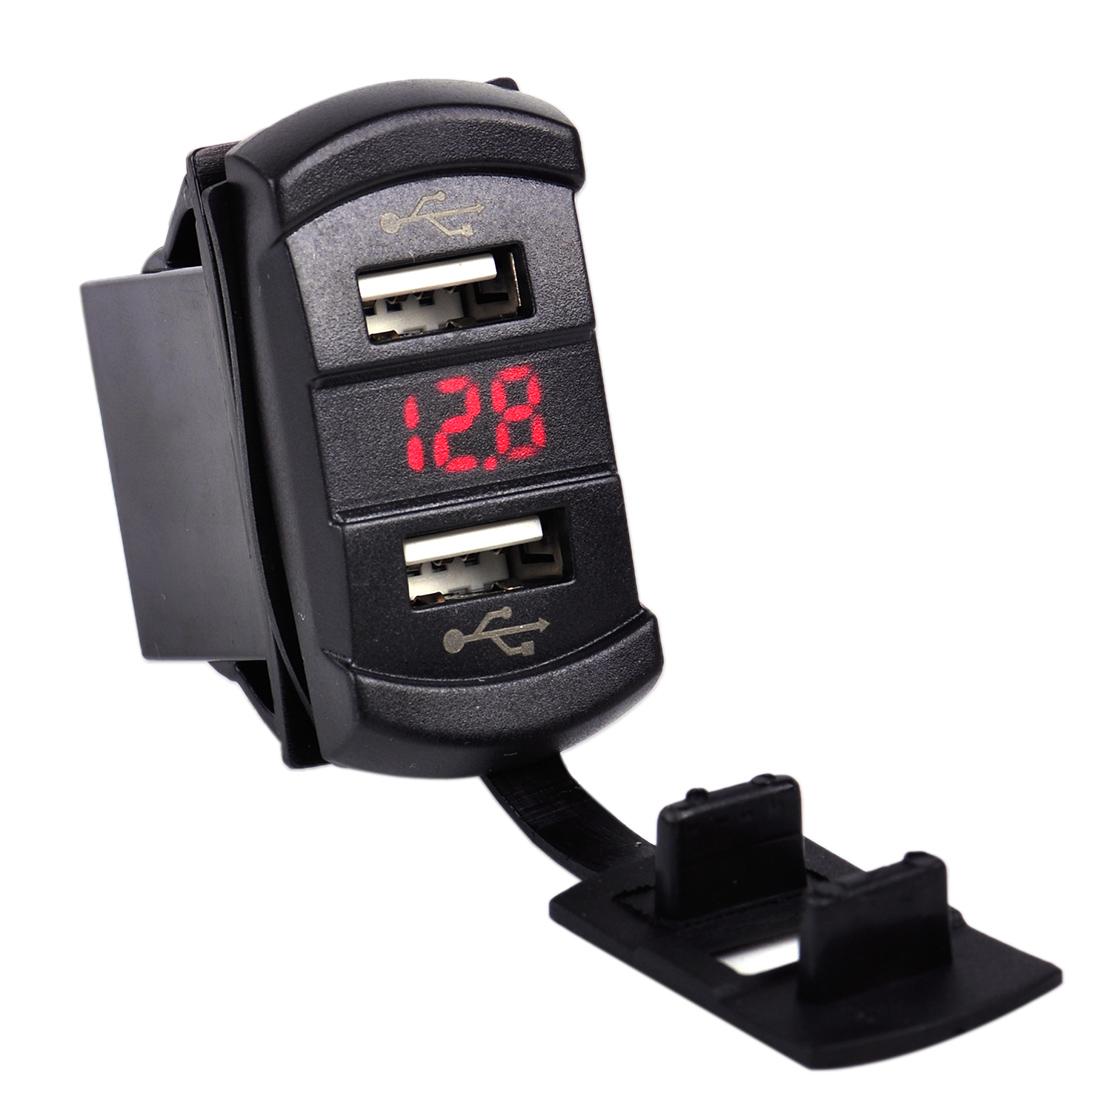 12v led dual port usb ladeger t sockel spannung voltmeter. Black Bedroom Furniture Sets. Home Design Ideas